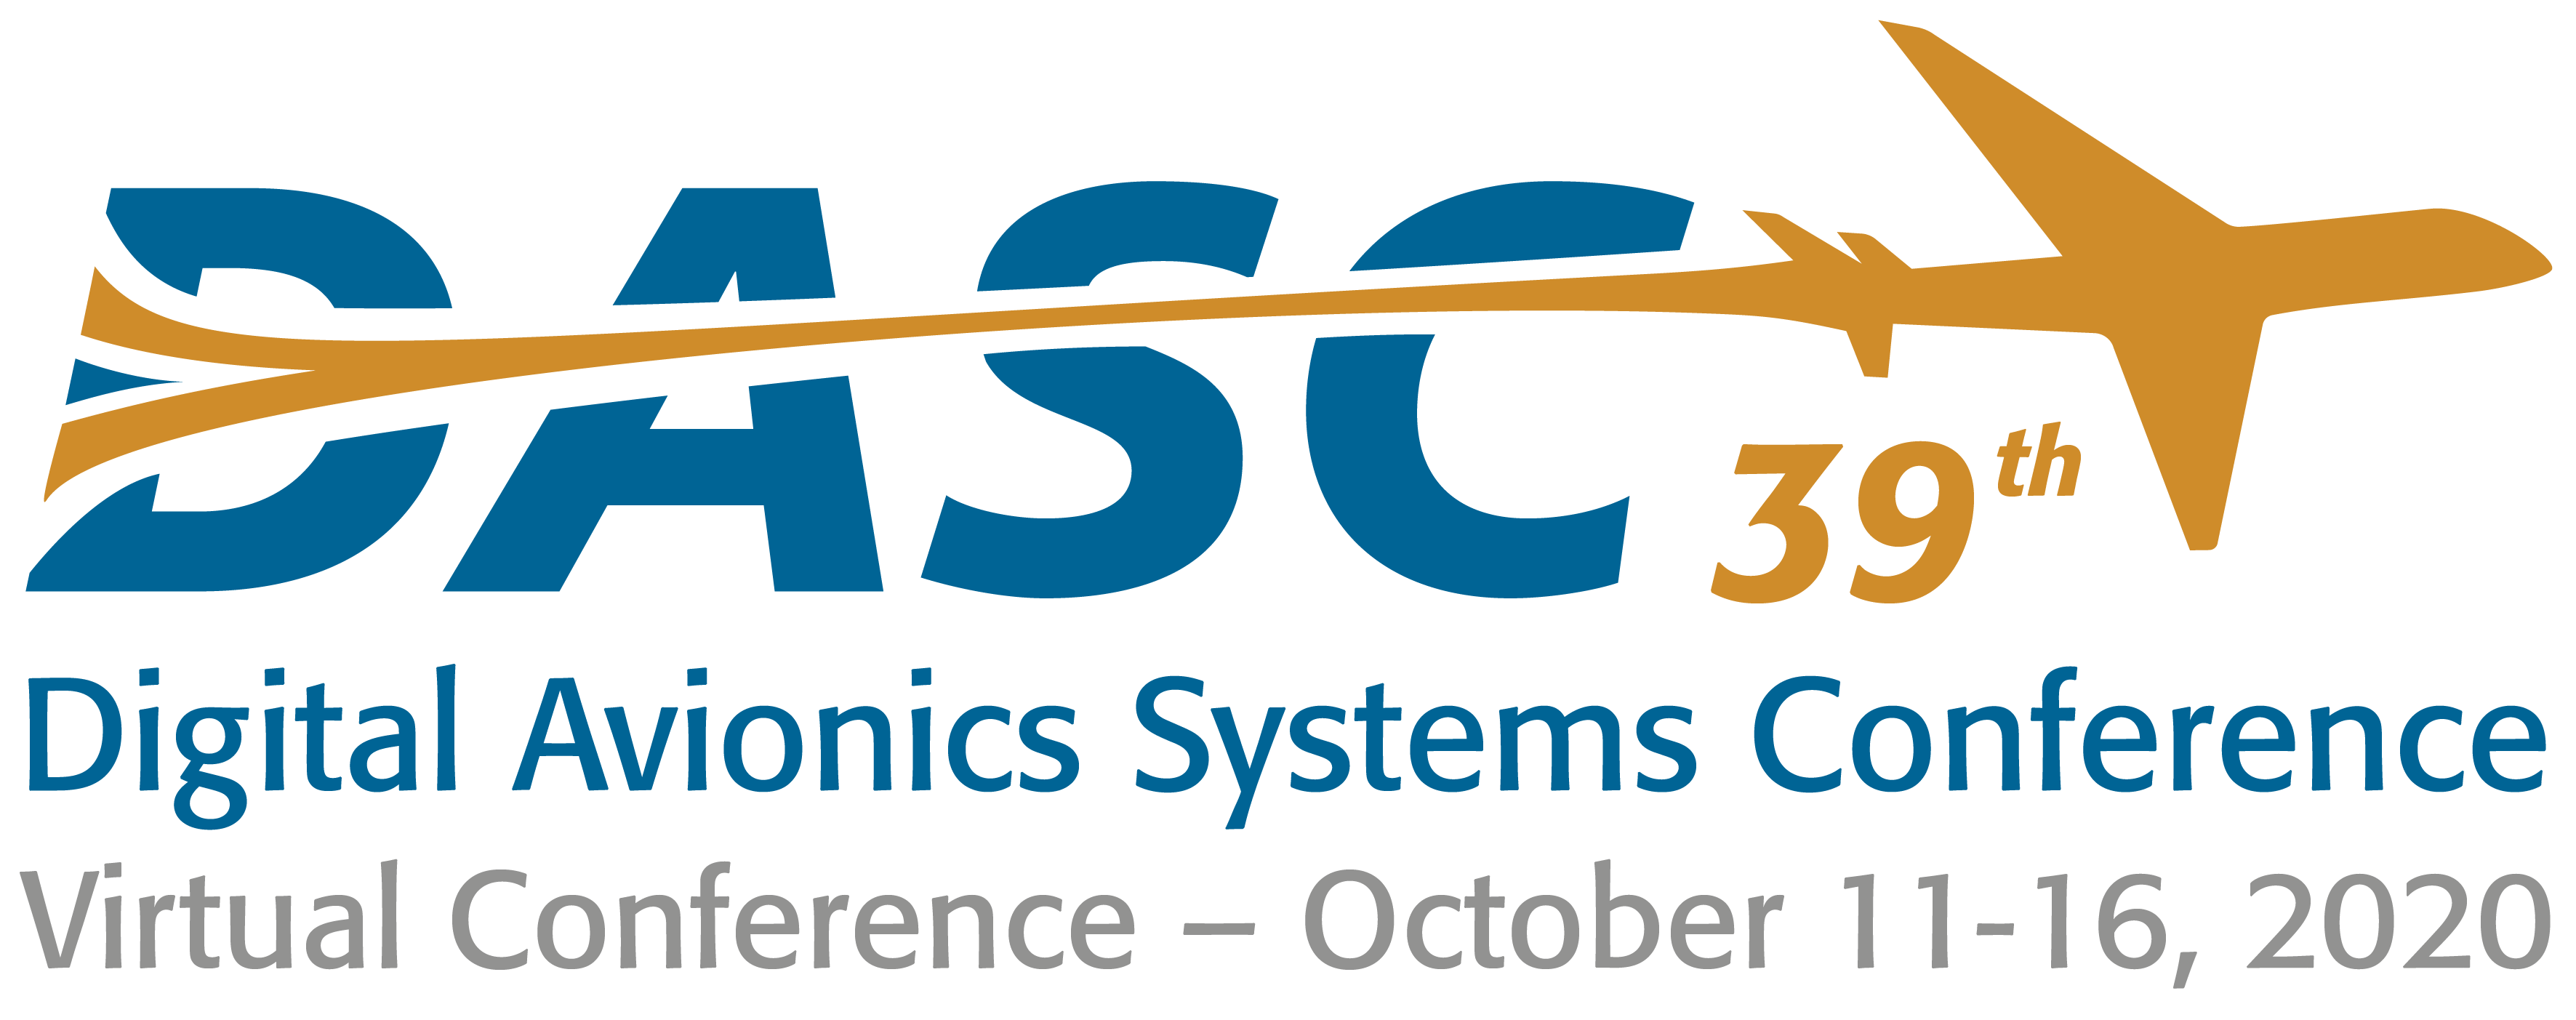 DASC 2020: Conference Registration